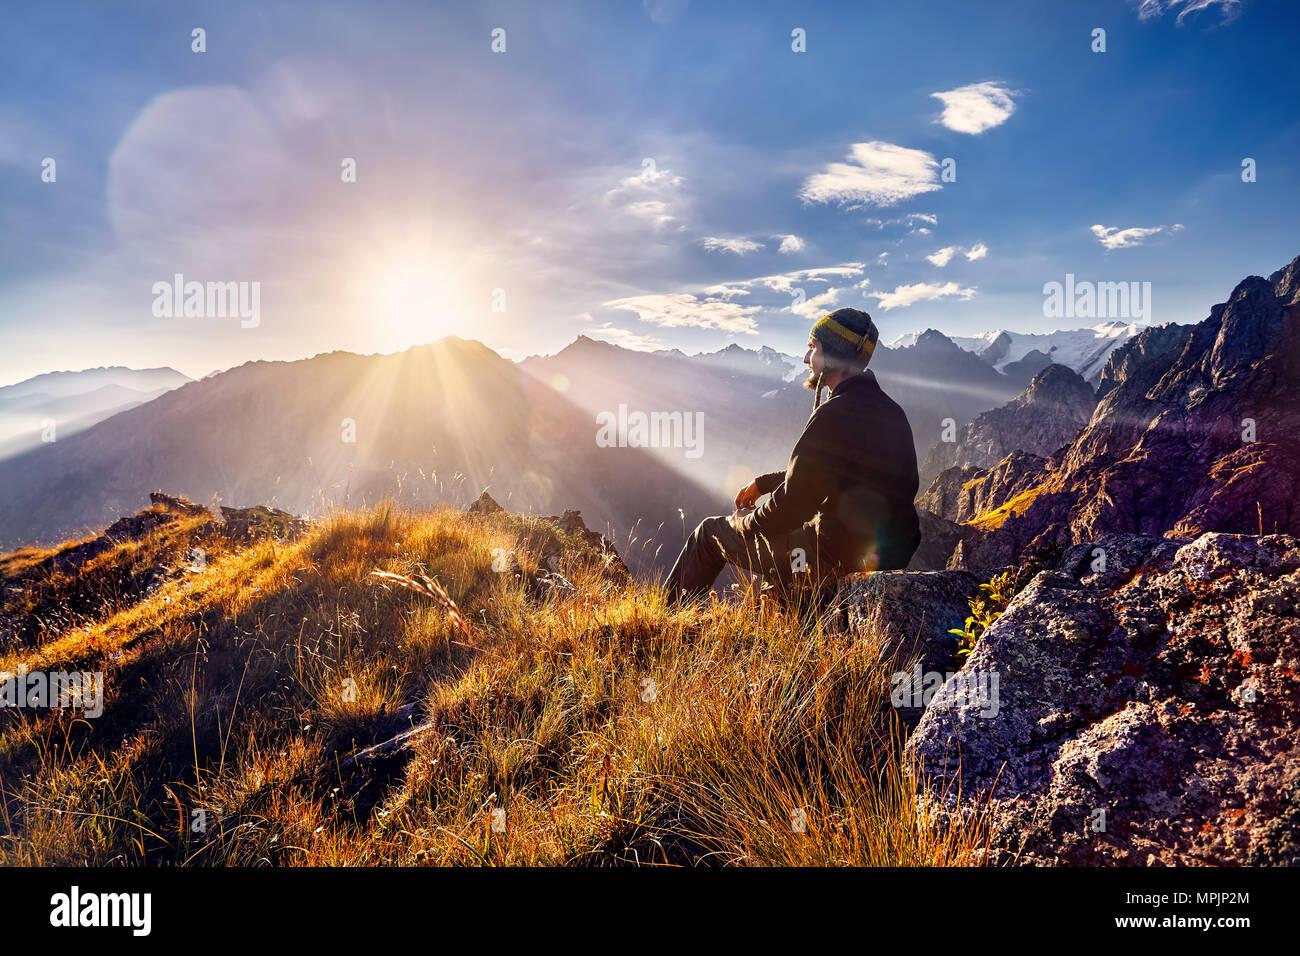 En népalais touristiques hat assis sur la colline et en regardant le lever du soleil dans les montagnes Photo Stock